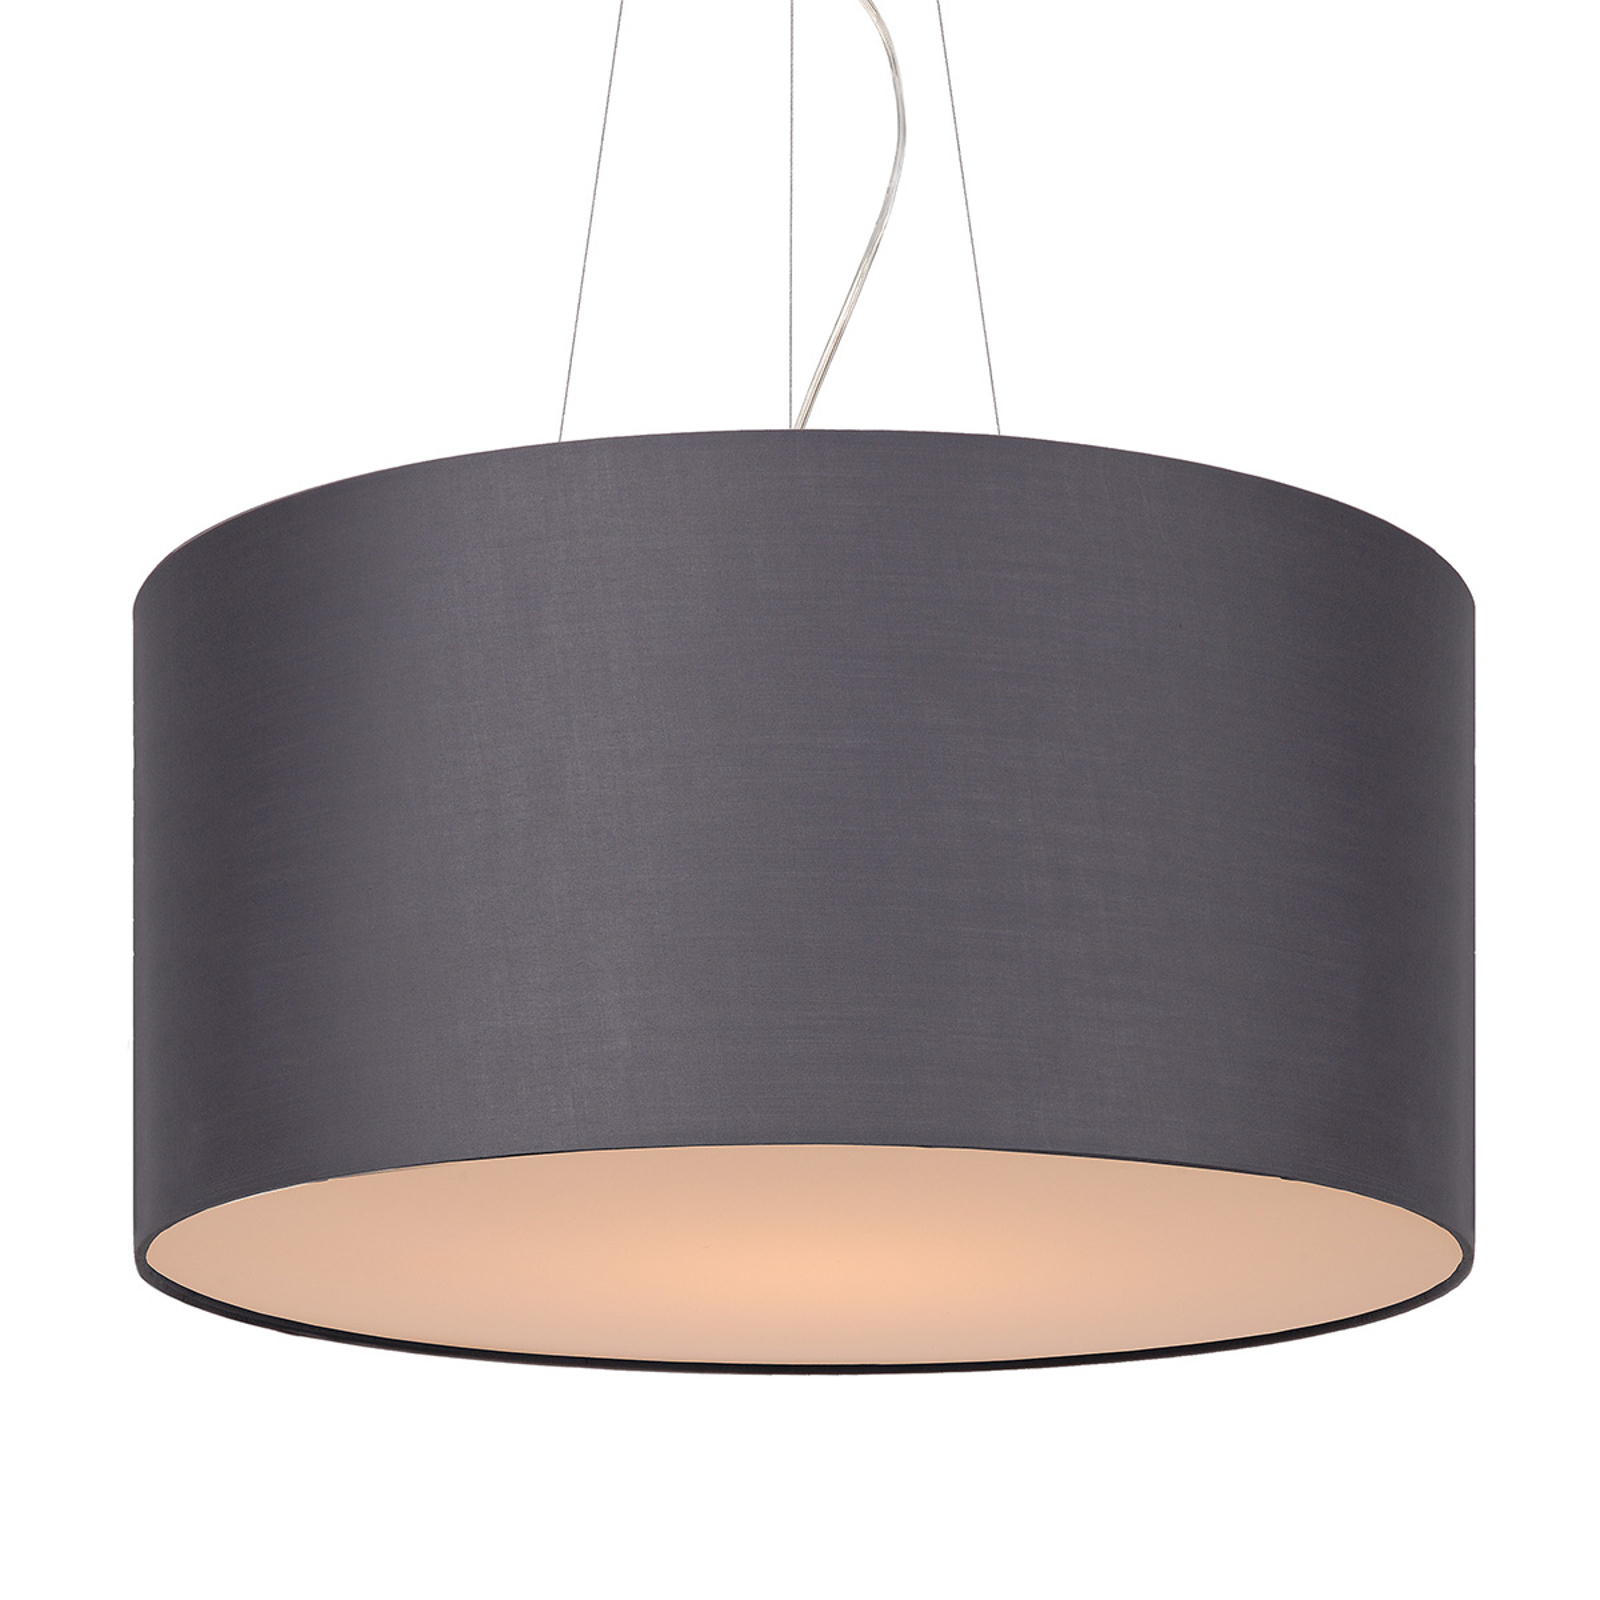 Uniwersalna lampa wisząca Coral szara 60 cm